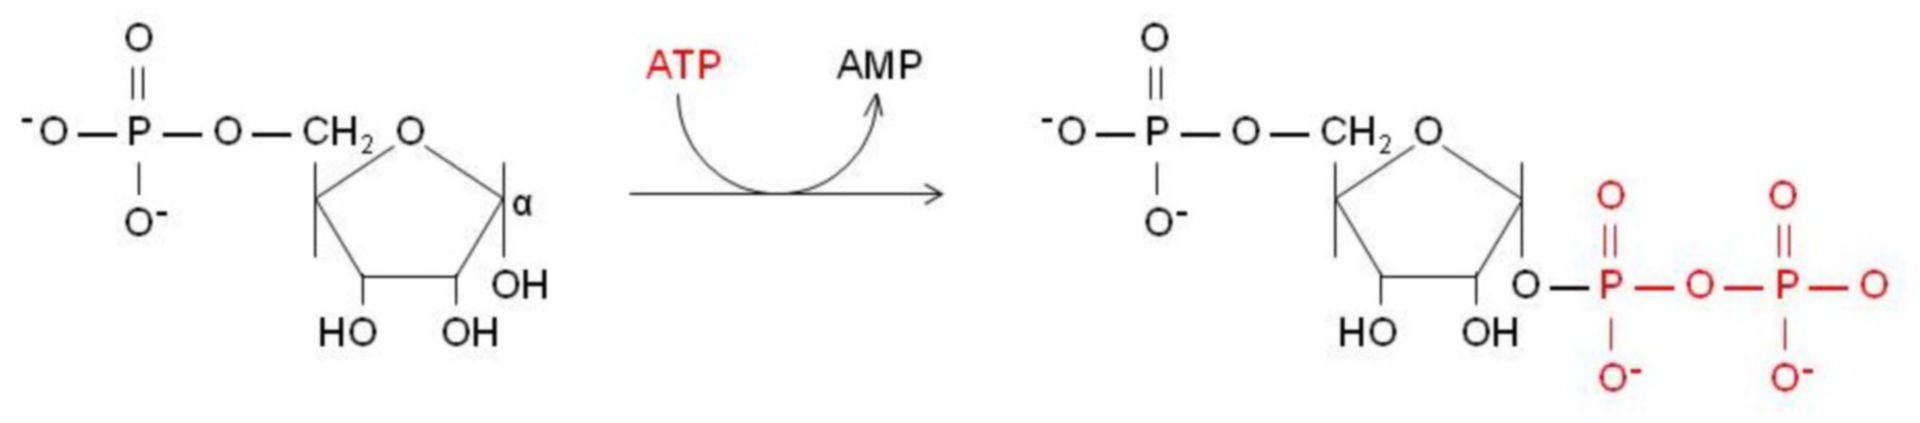 Activación de fosfato de ribosa-5 a frpf